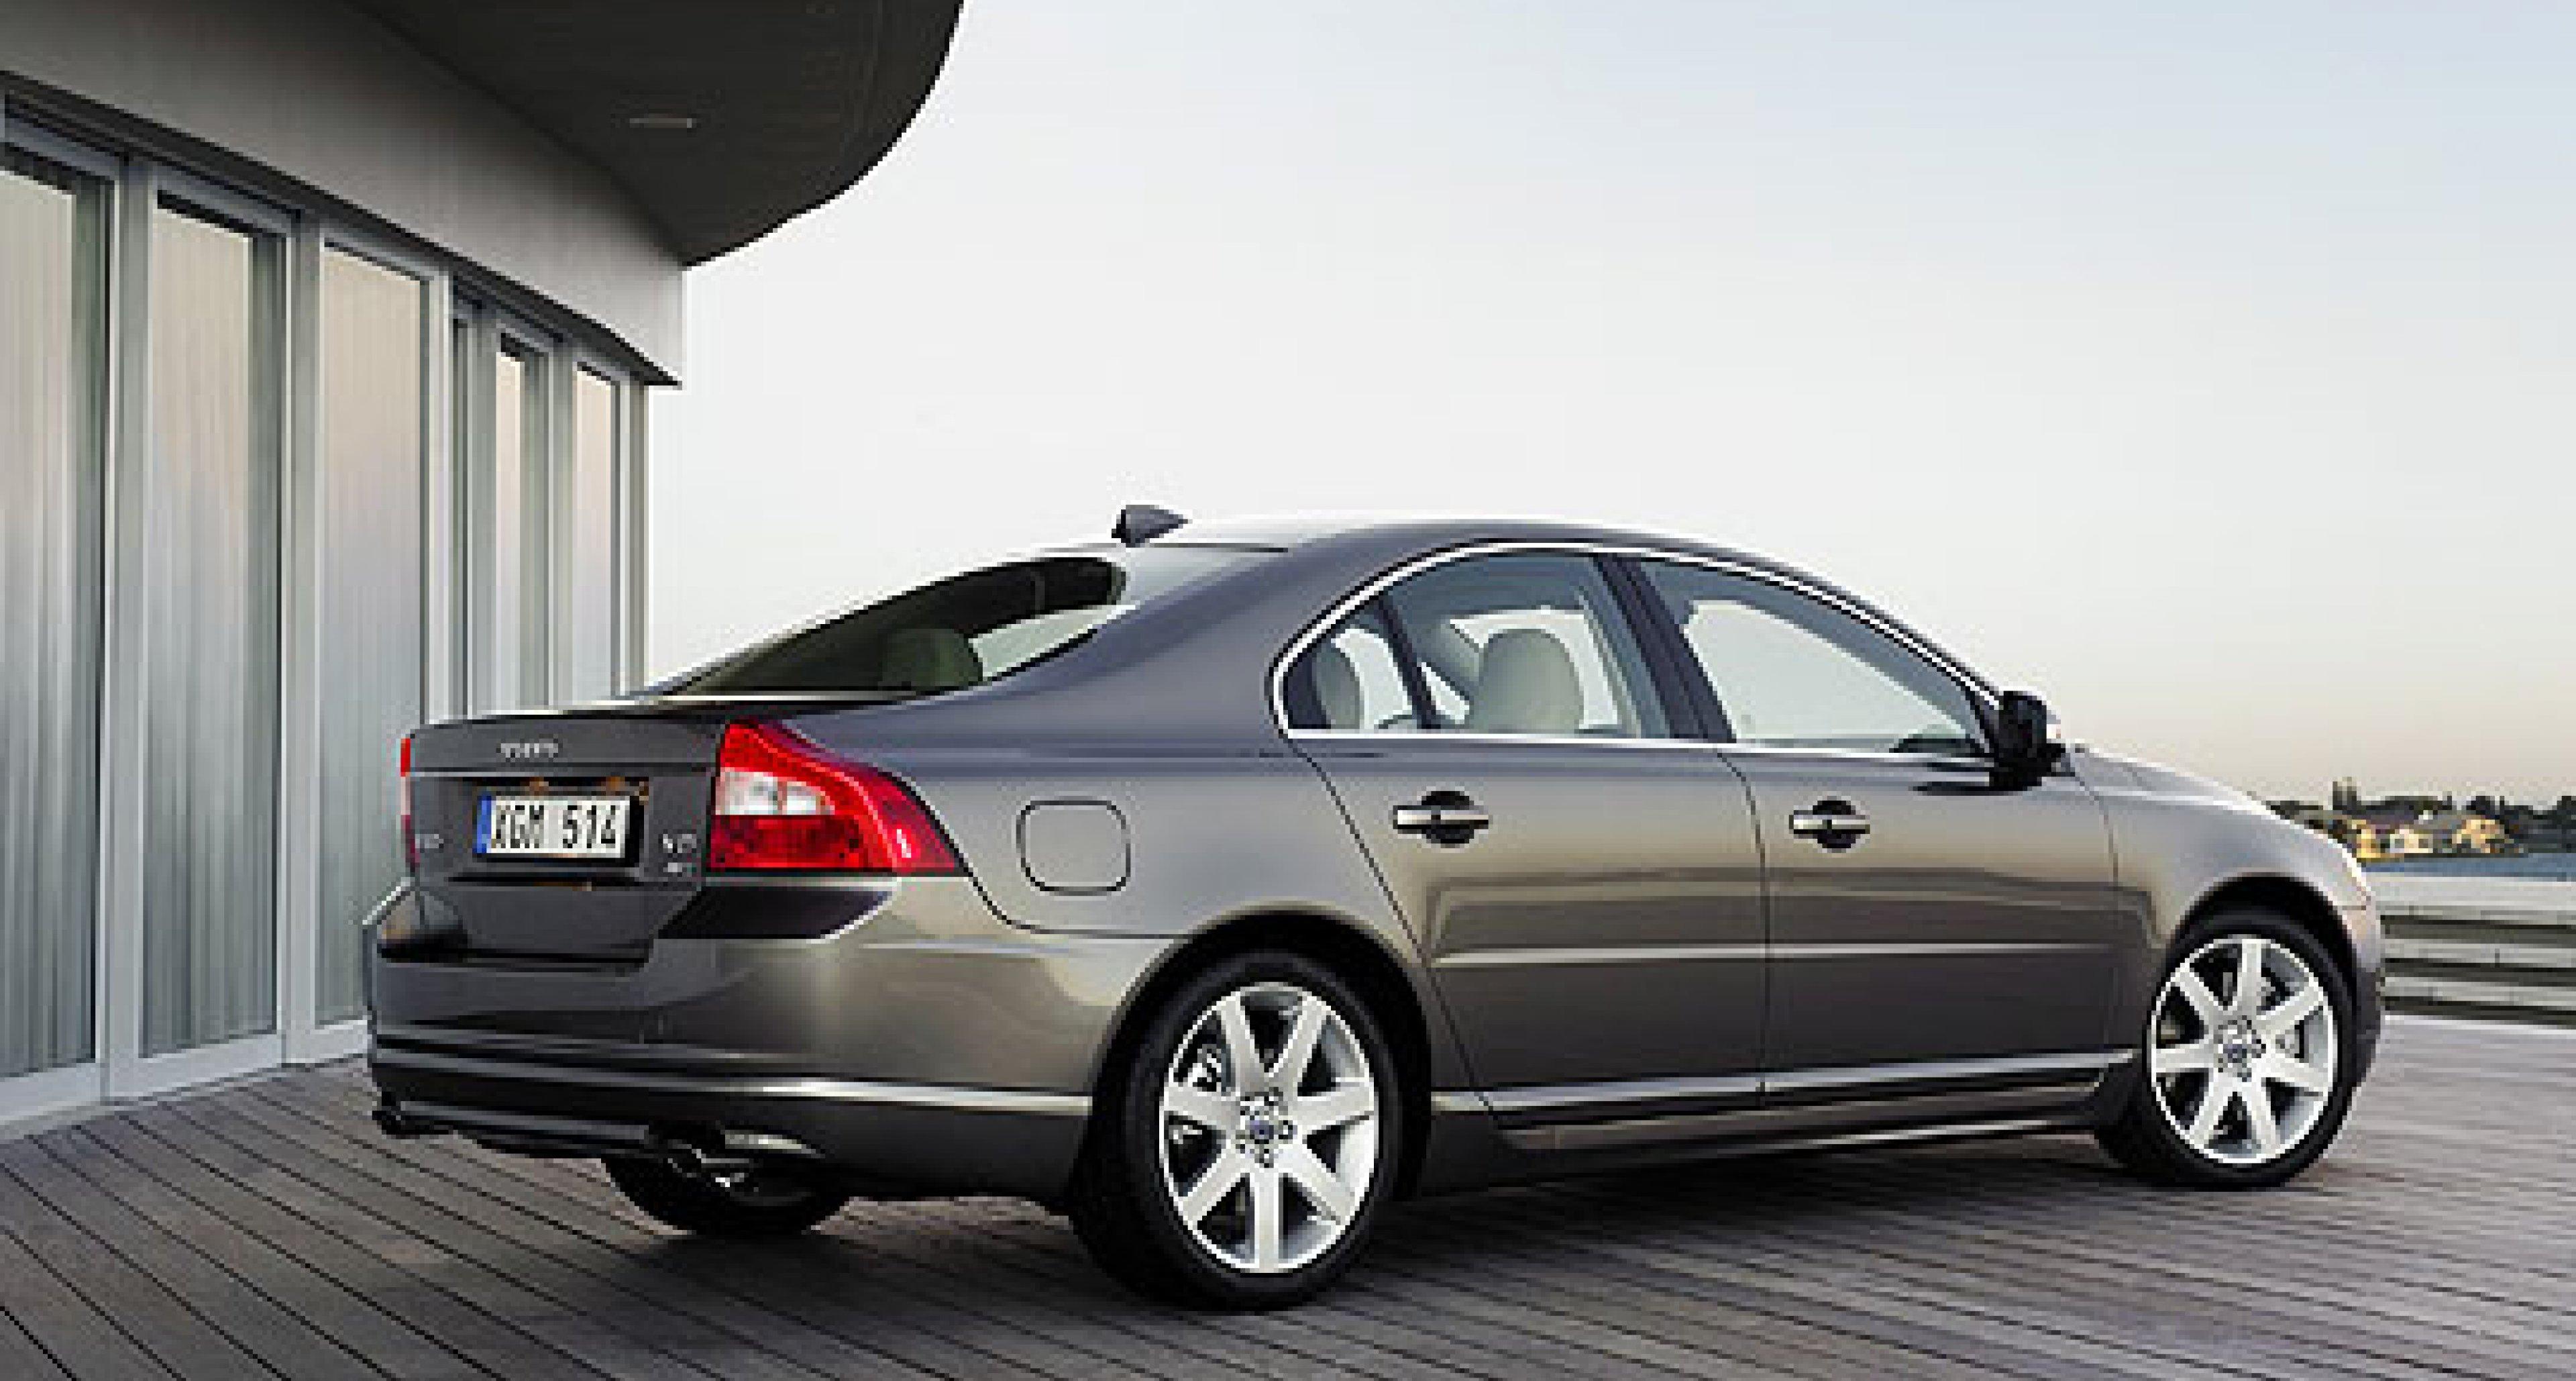 Volvo announces new S80